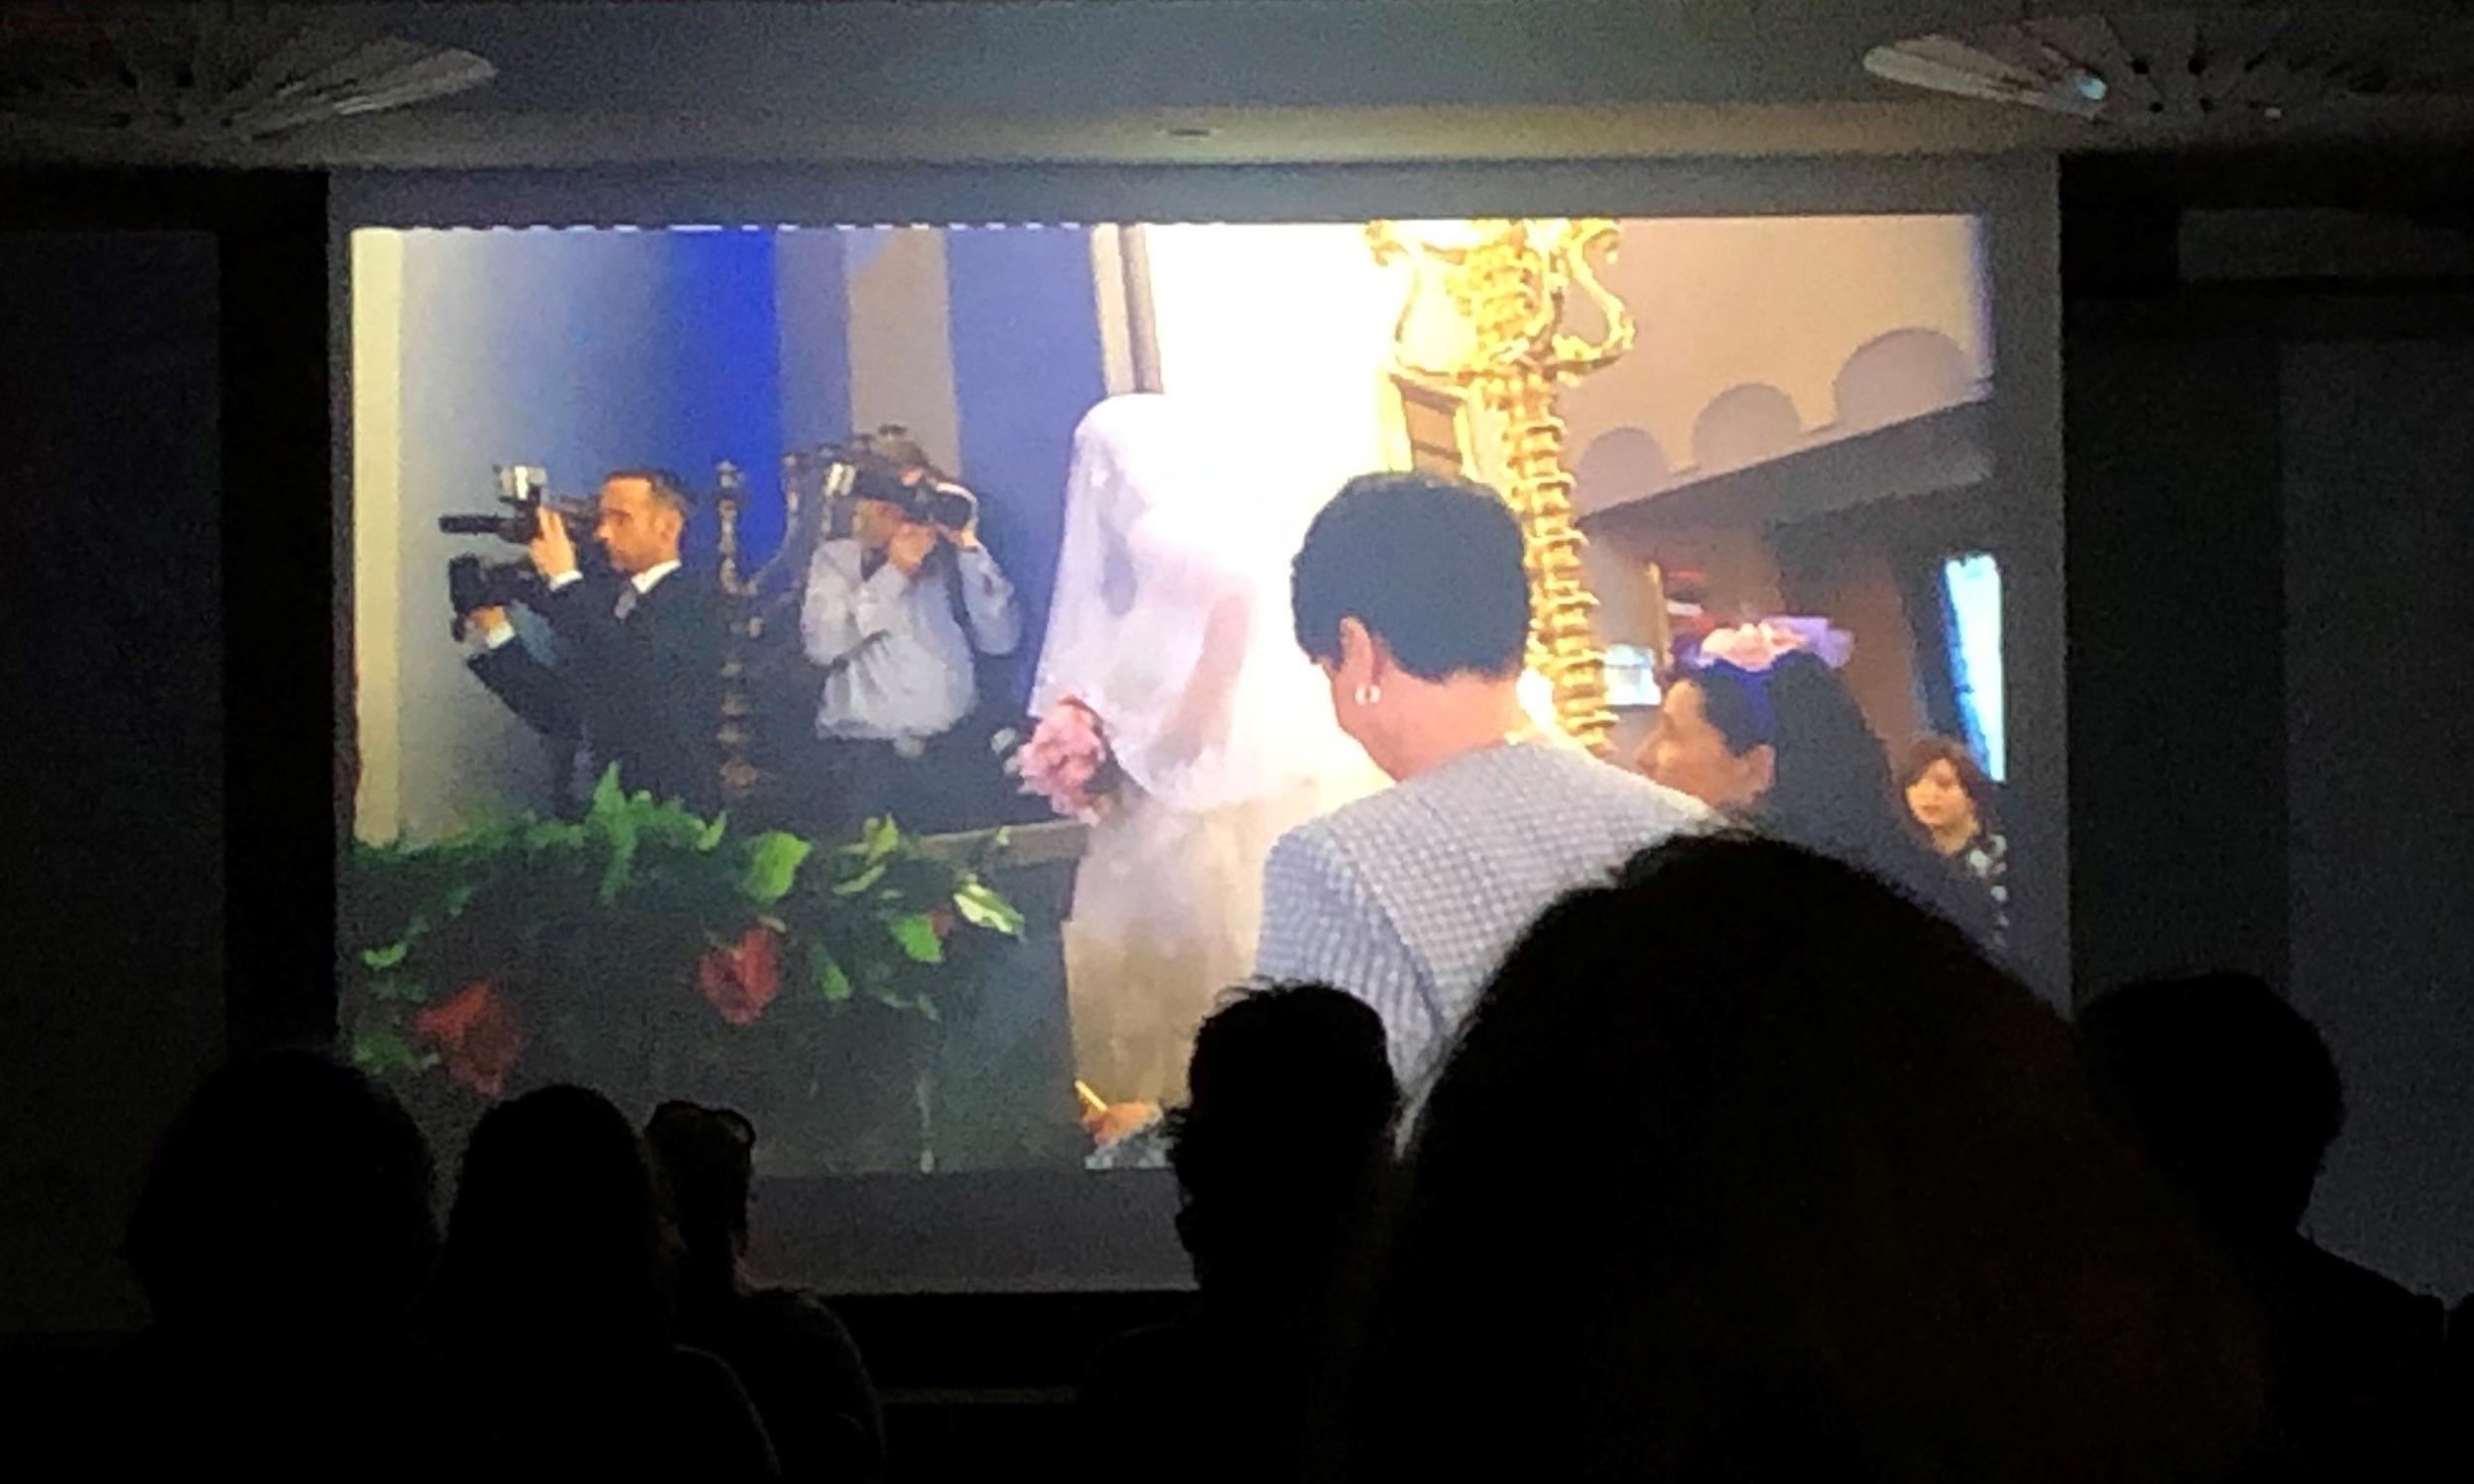 Bild-Erlebnisbericht-Hochzeitsbräuche-im-Judentum